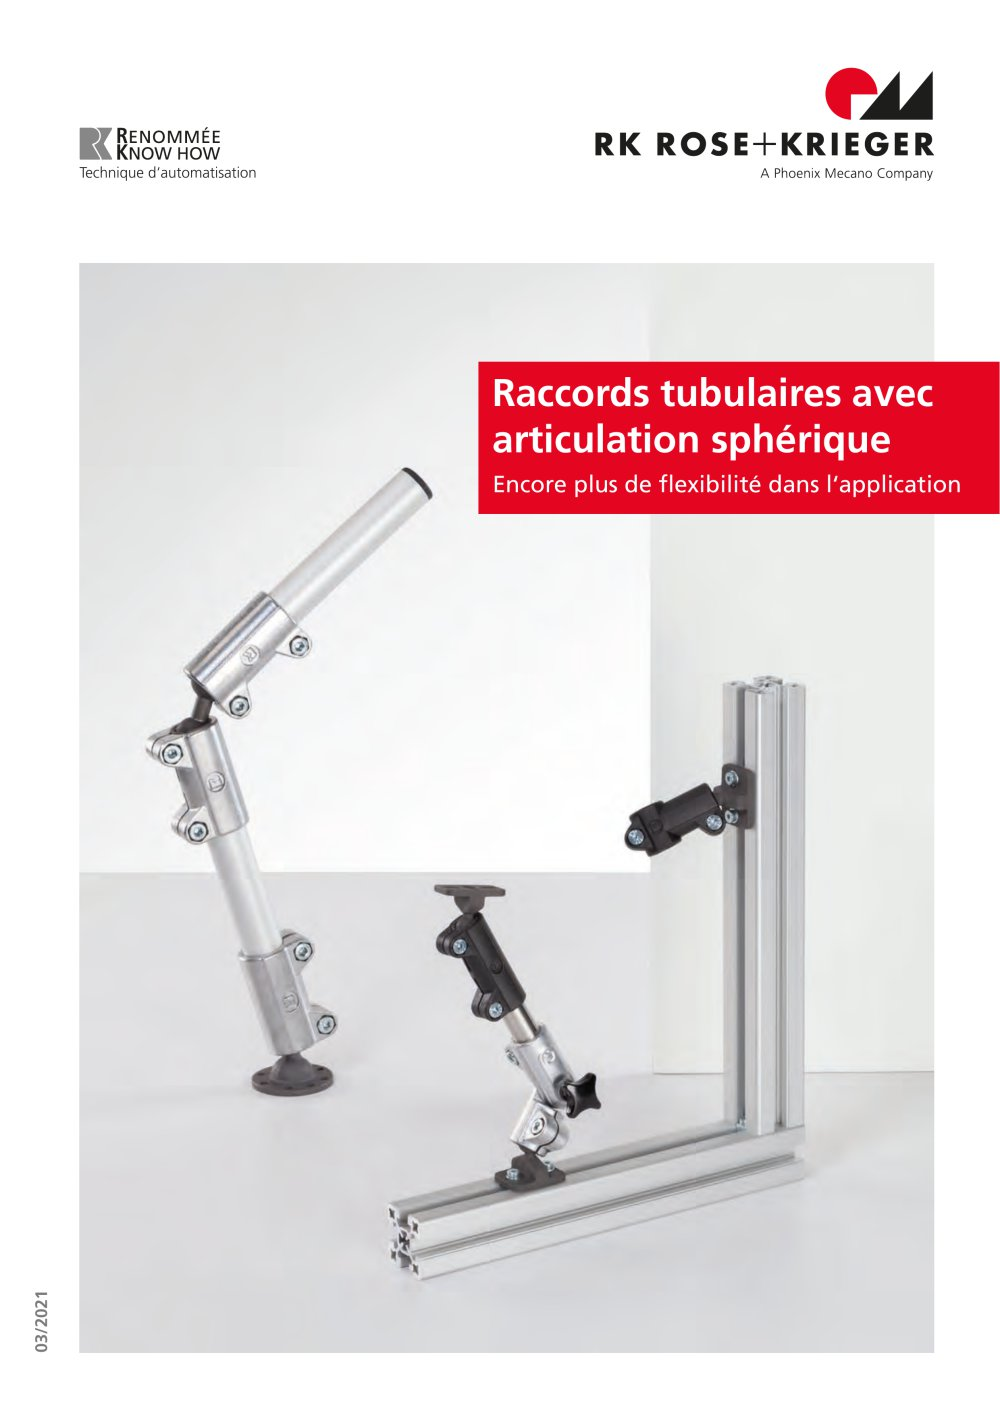 Solid Clamps à articulation sphérique - RK Rose+Krieger GmbH - PDF